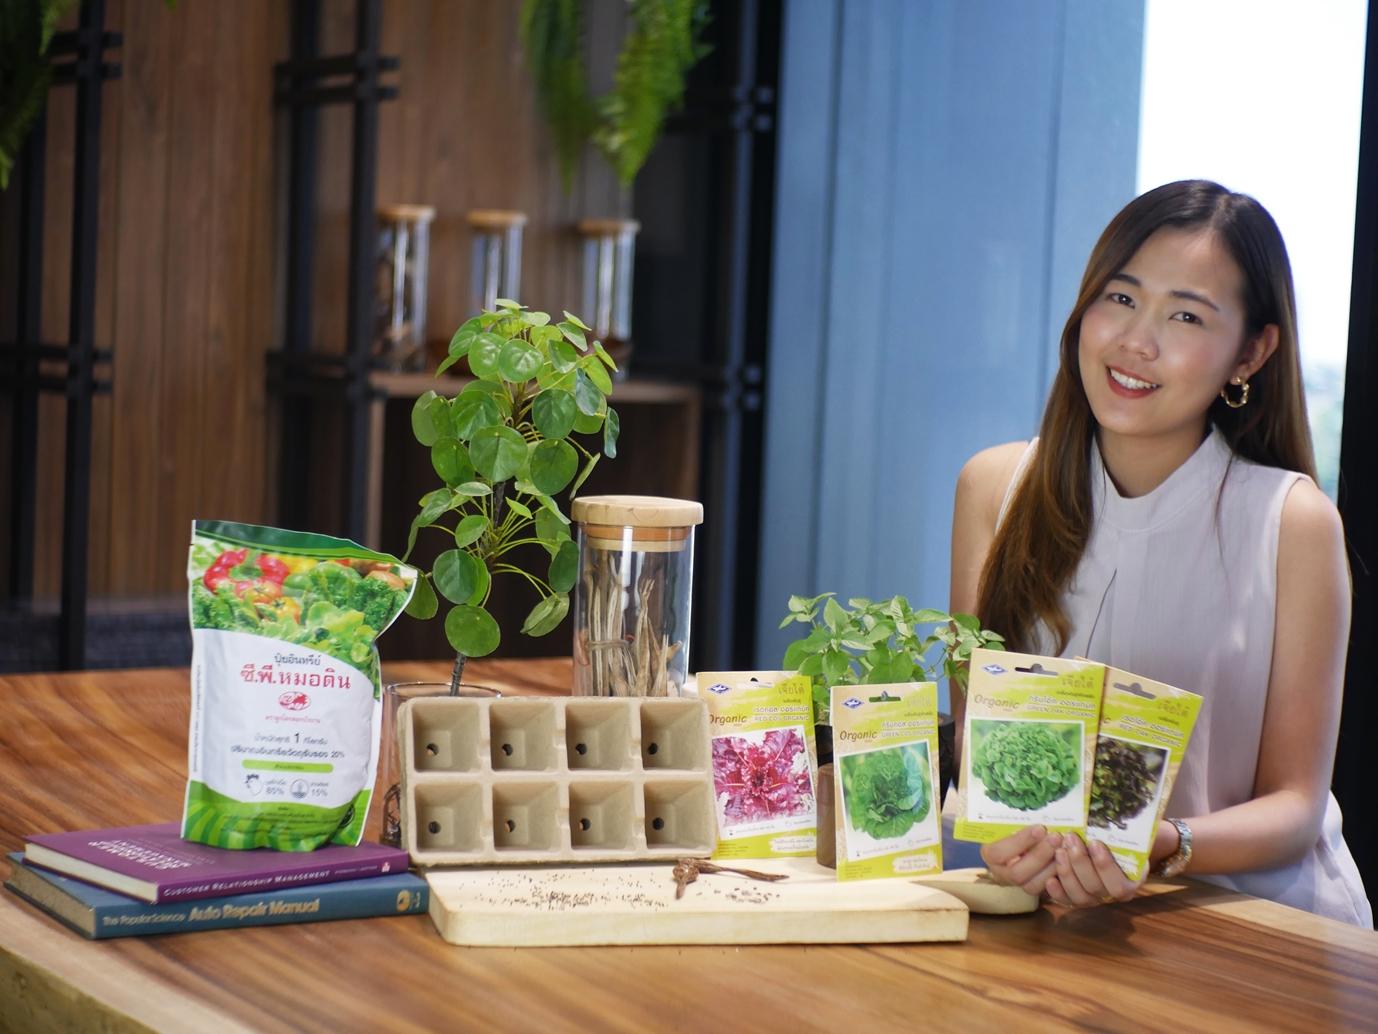 """เจียไต๋ ส่งชุดปลูกผักออร์แกนิคอยู่บ้าน """"Farm From Home"""" ให้การปลูกผักสวนครัวแบบวิถีธรรมชาติเป็นเรื่องง่าย แม้มือใหม่หัดปลูก"""